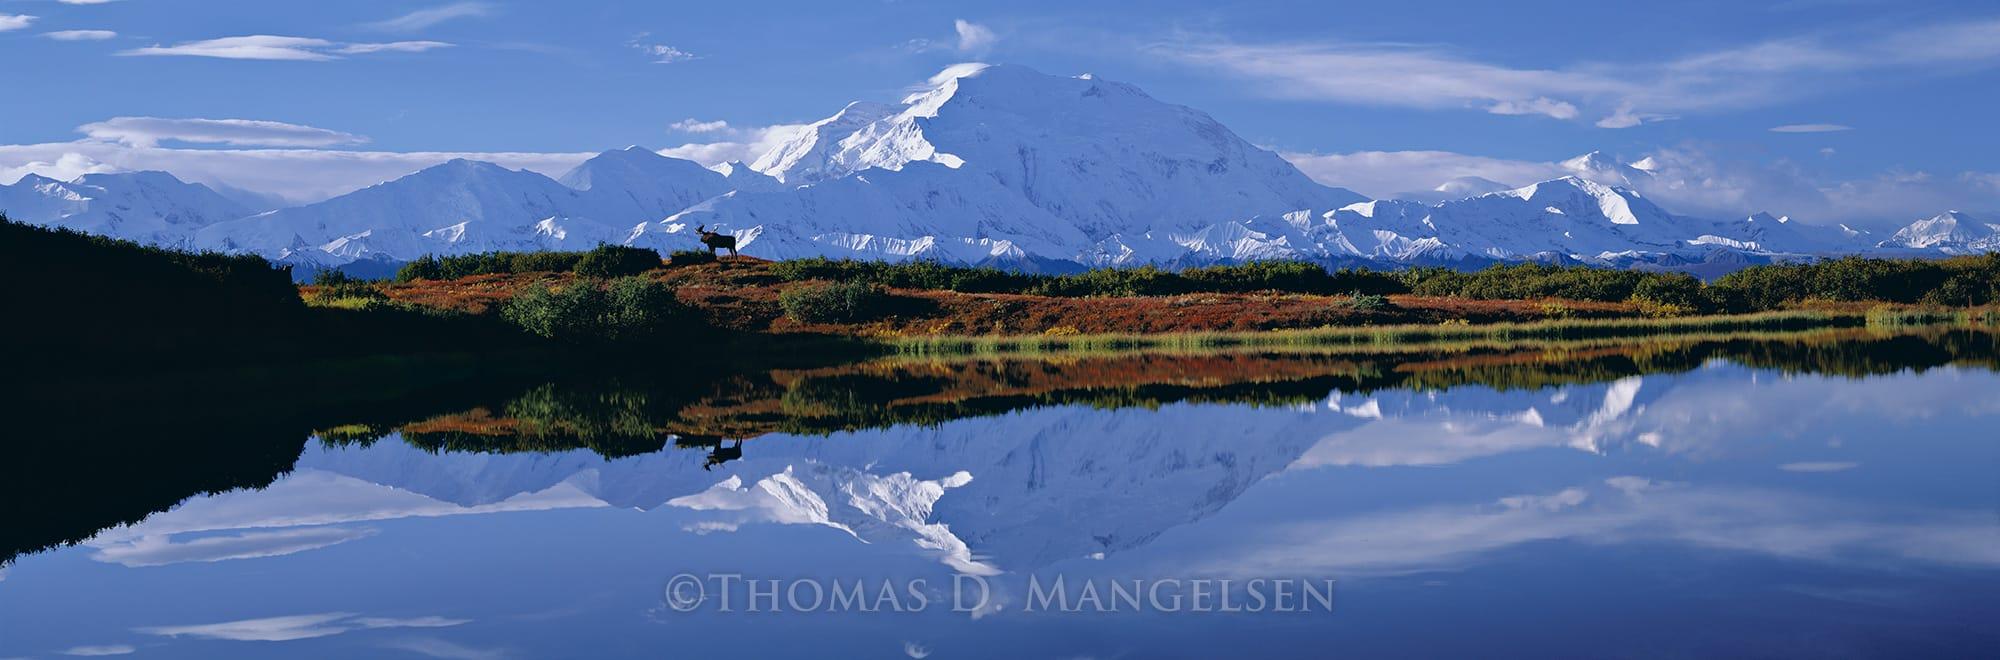 Reflections of Denali